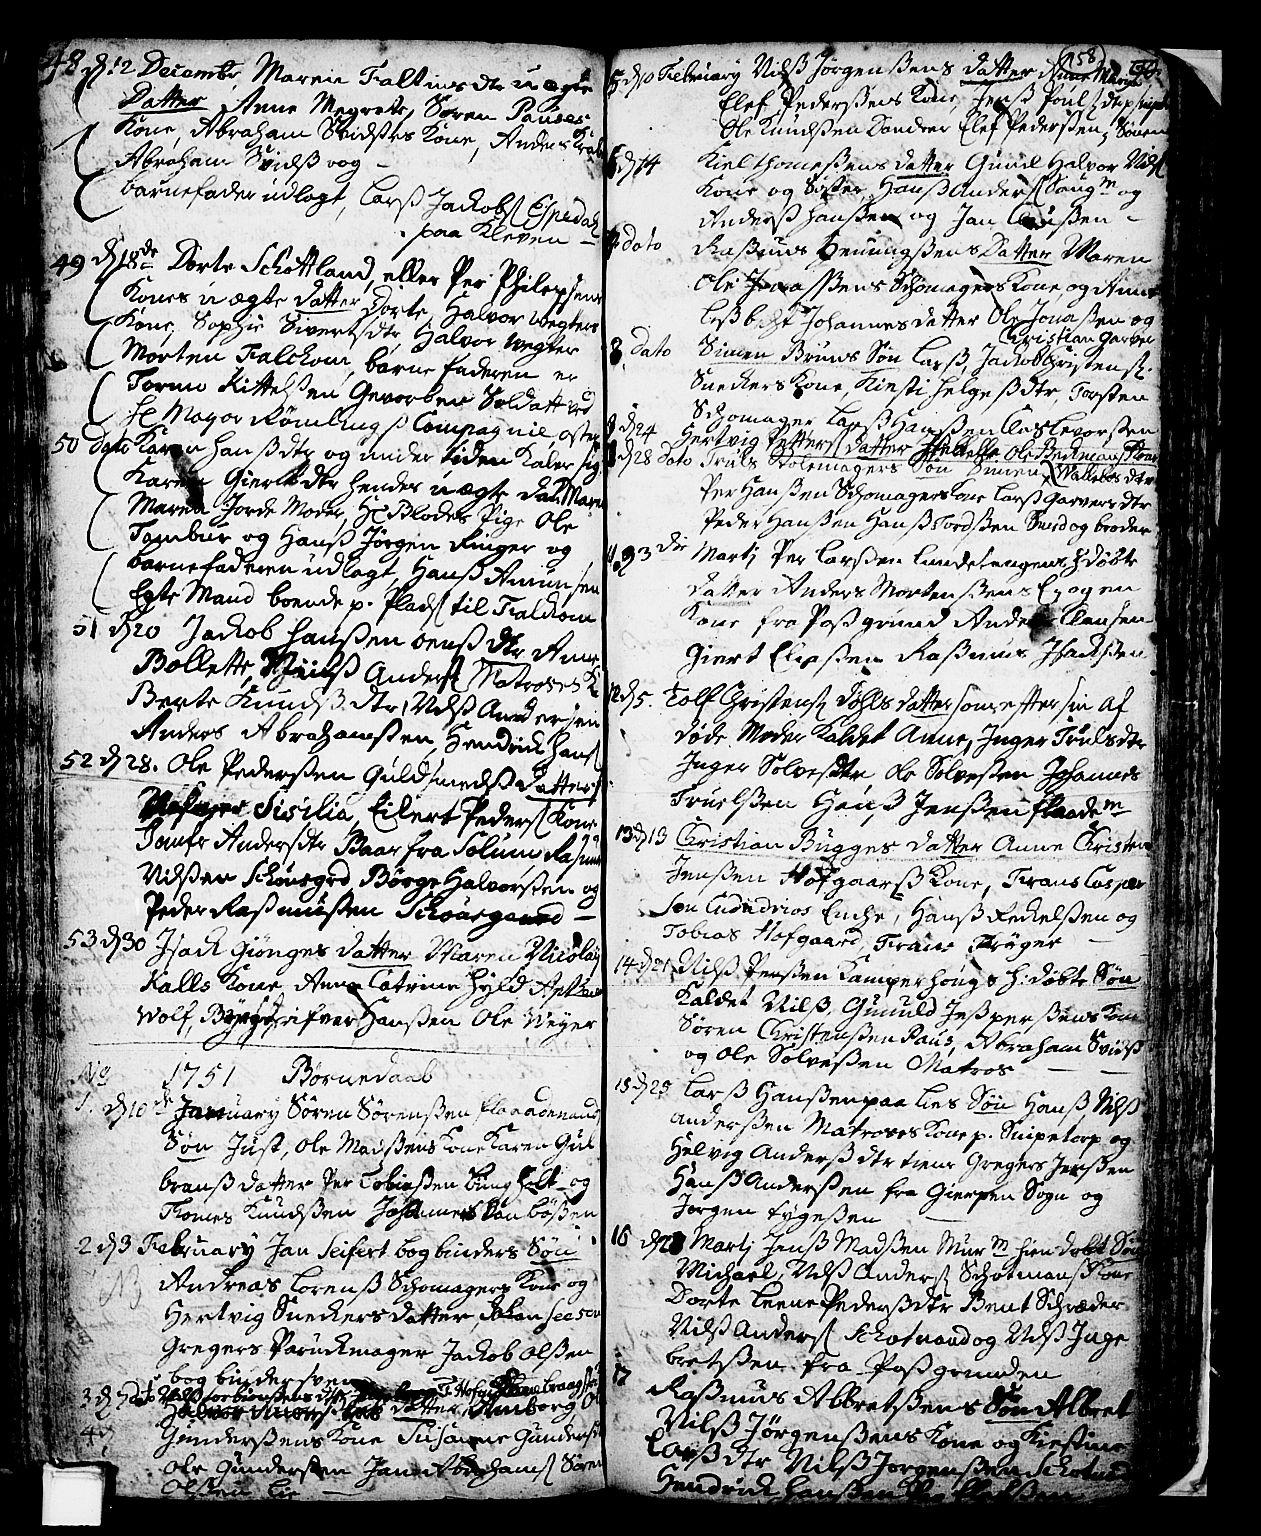 SAKO, Skien kirkebøker, F/Fa/L0002: Ministerialbok nr. 2, 1716-1757, s. 158